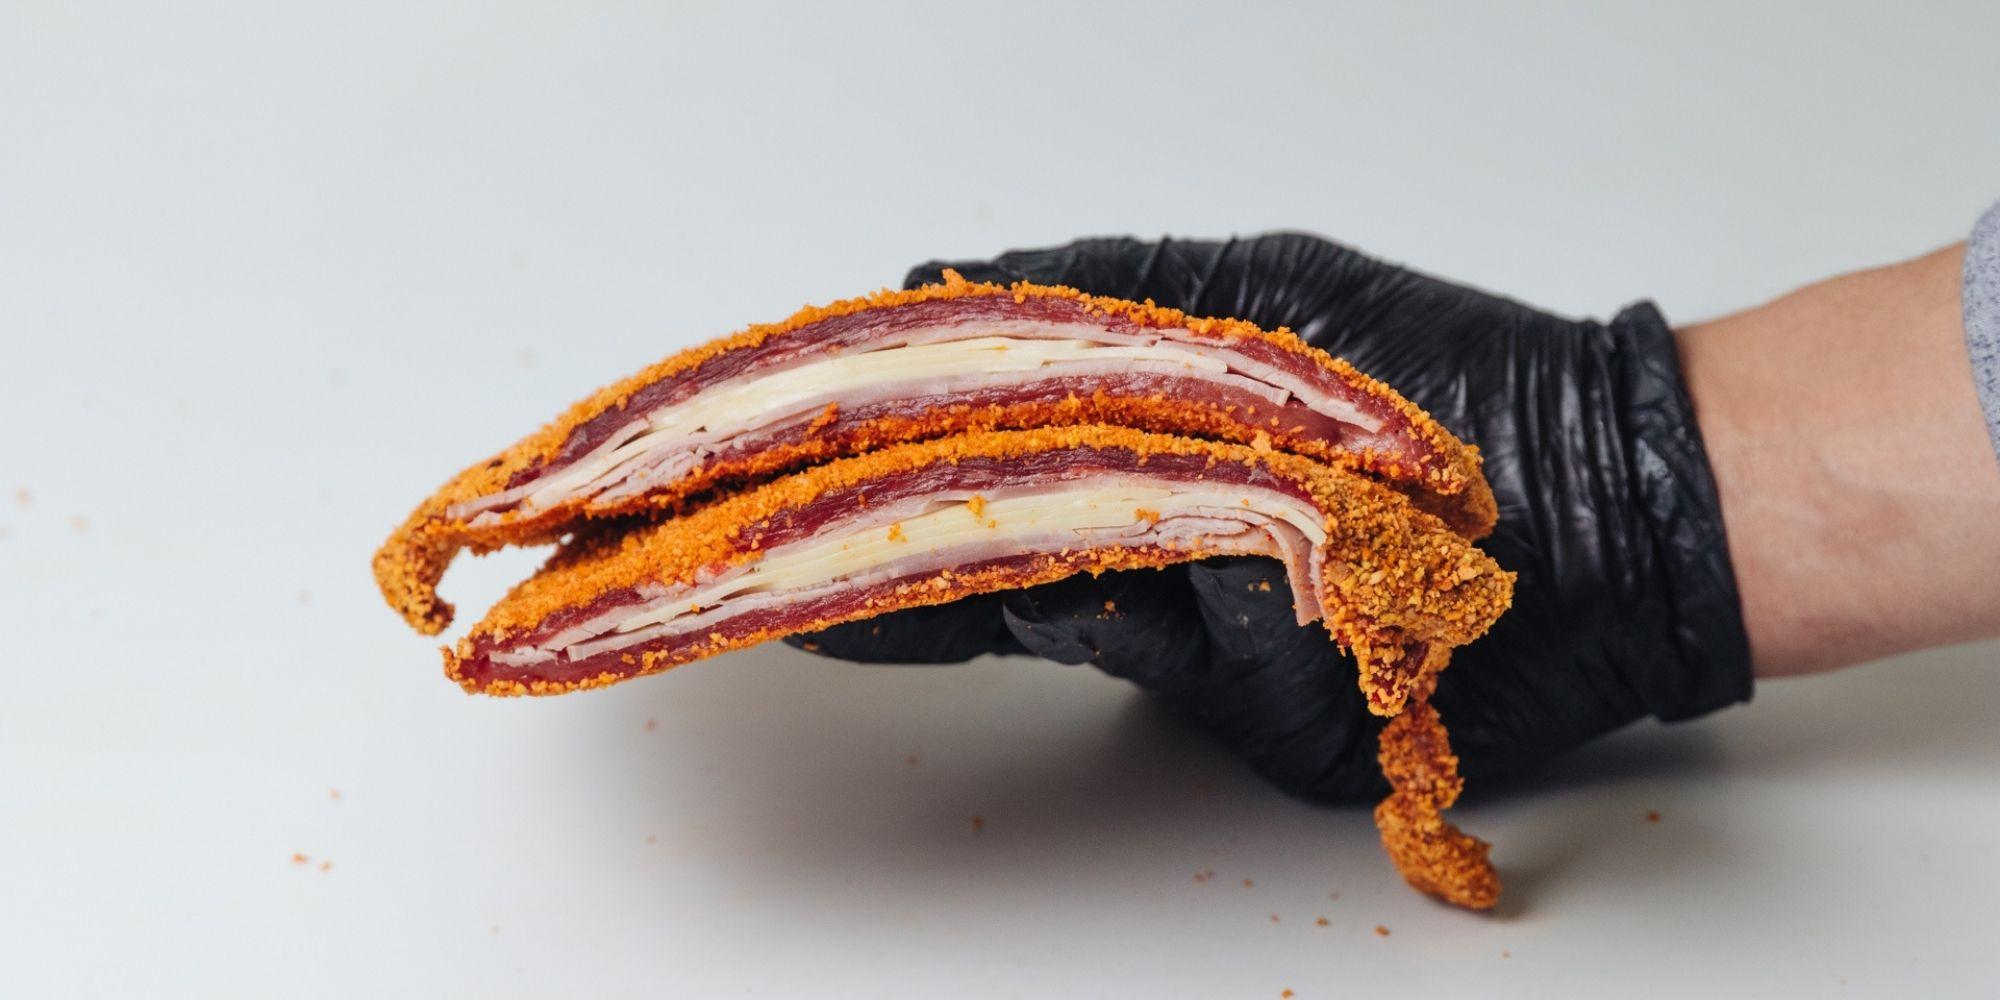 Gourmet Menu Cordon Bleu from JM Butcher